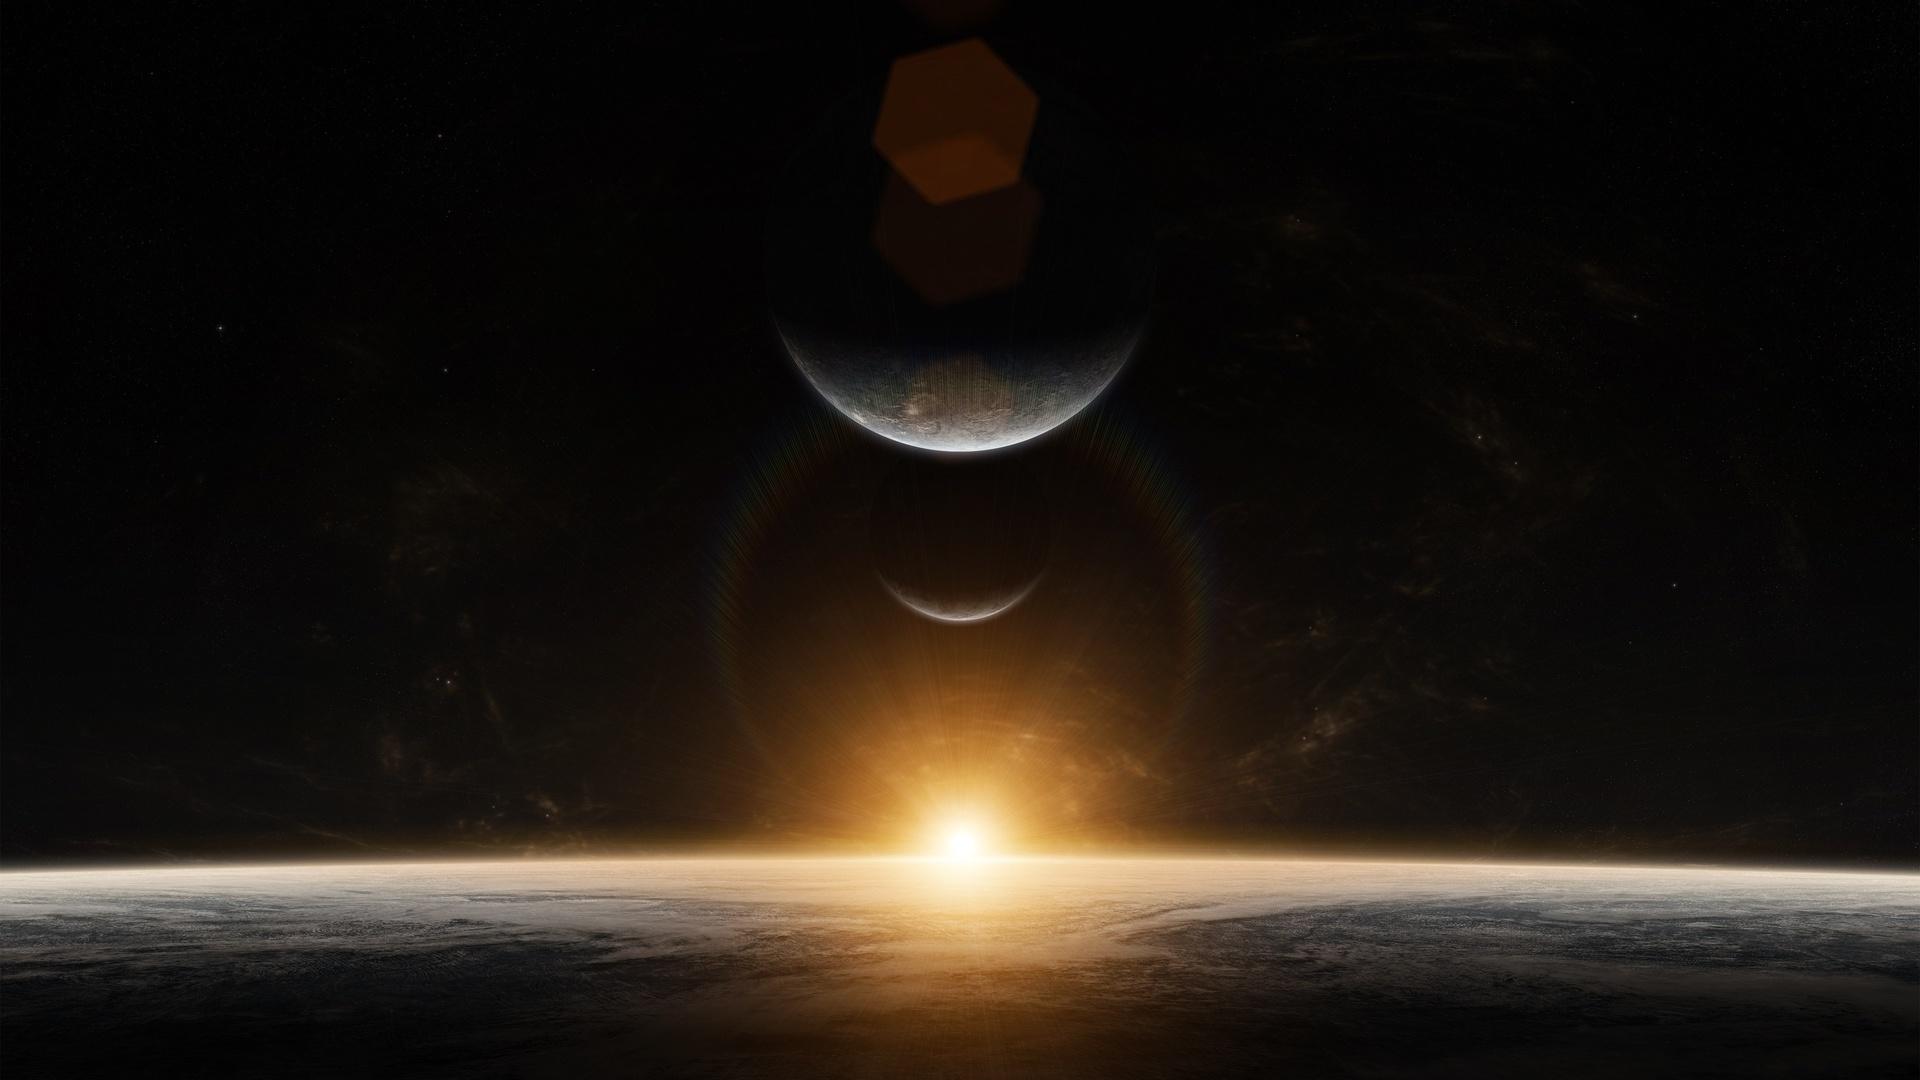 планеты, космос, блики, звёзды